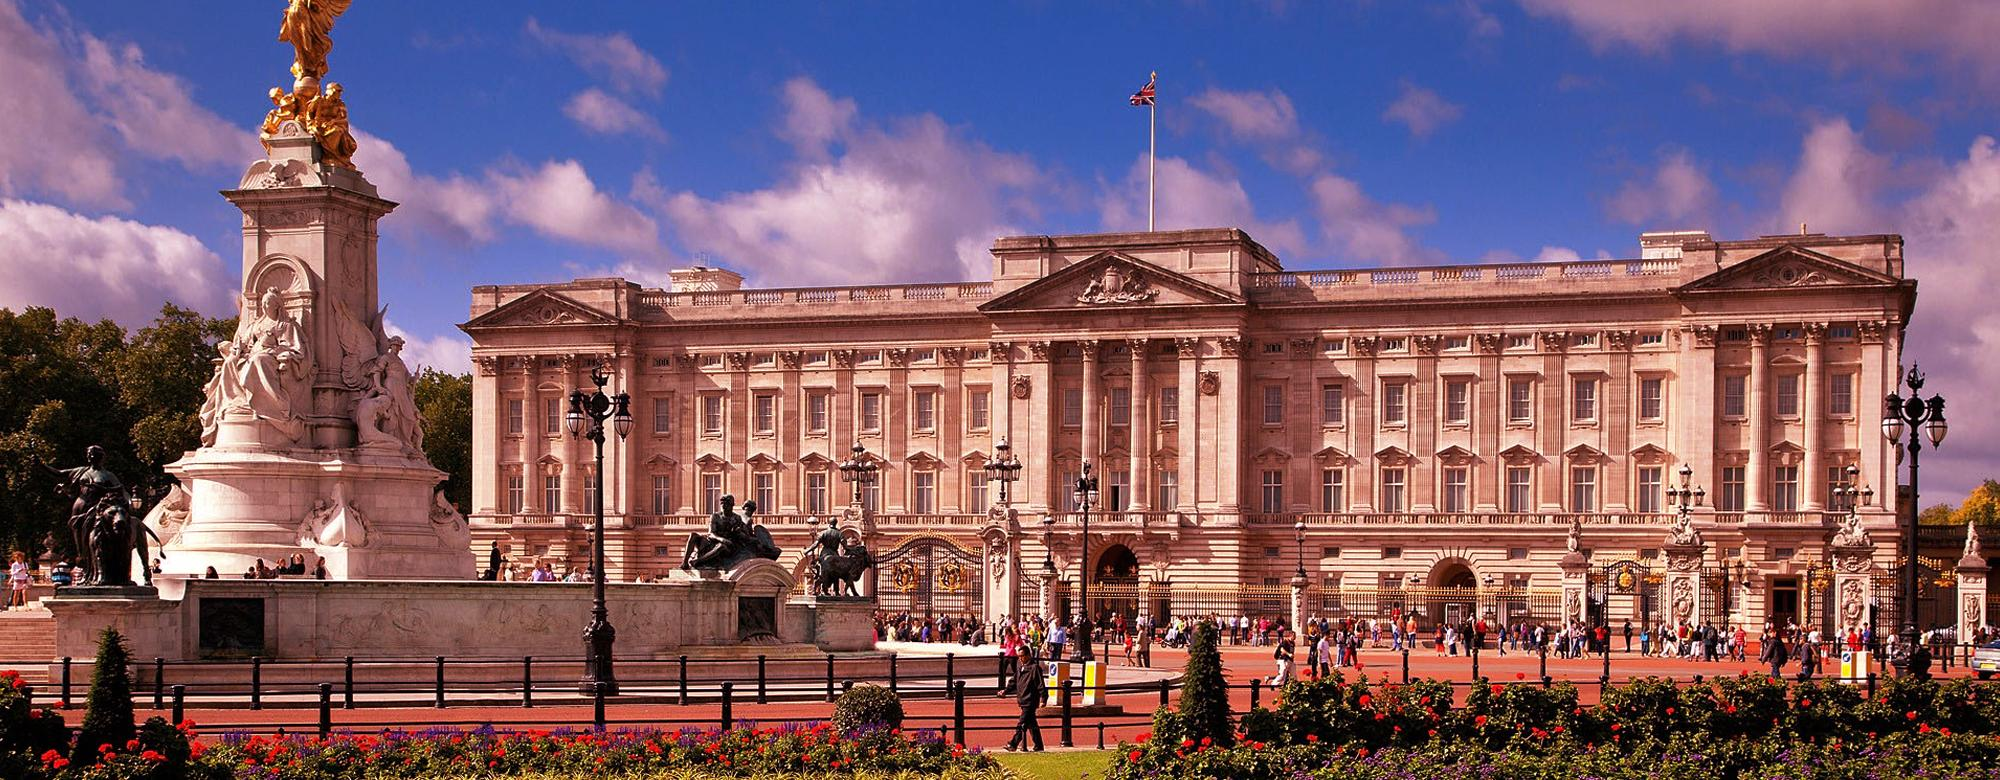 Buckingham Palace Exterior